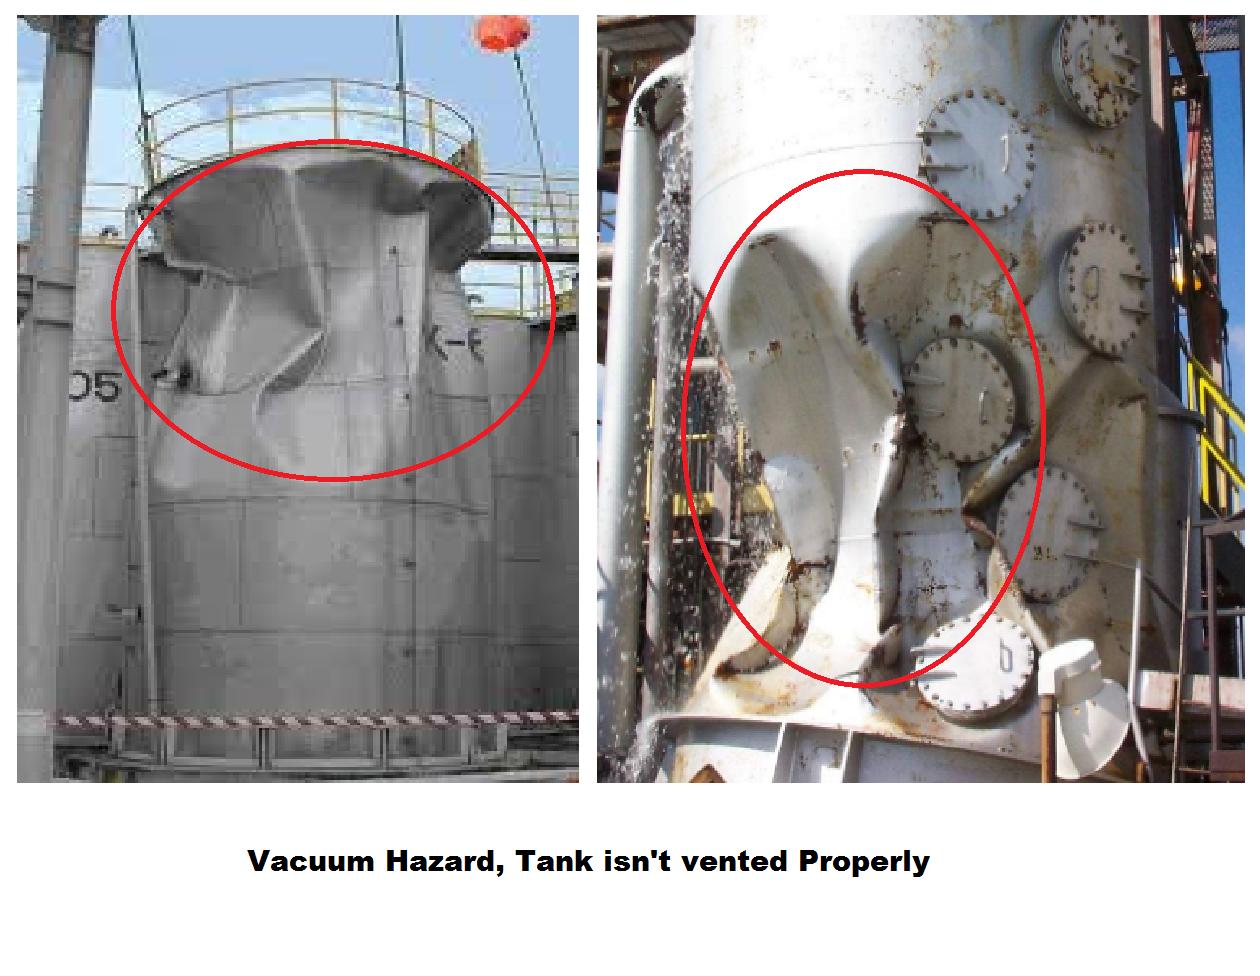 Vacuum hazard